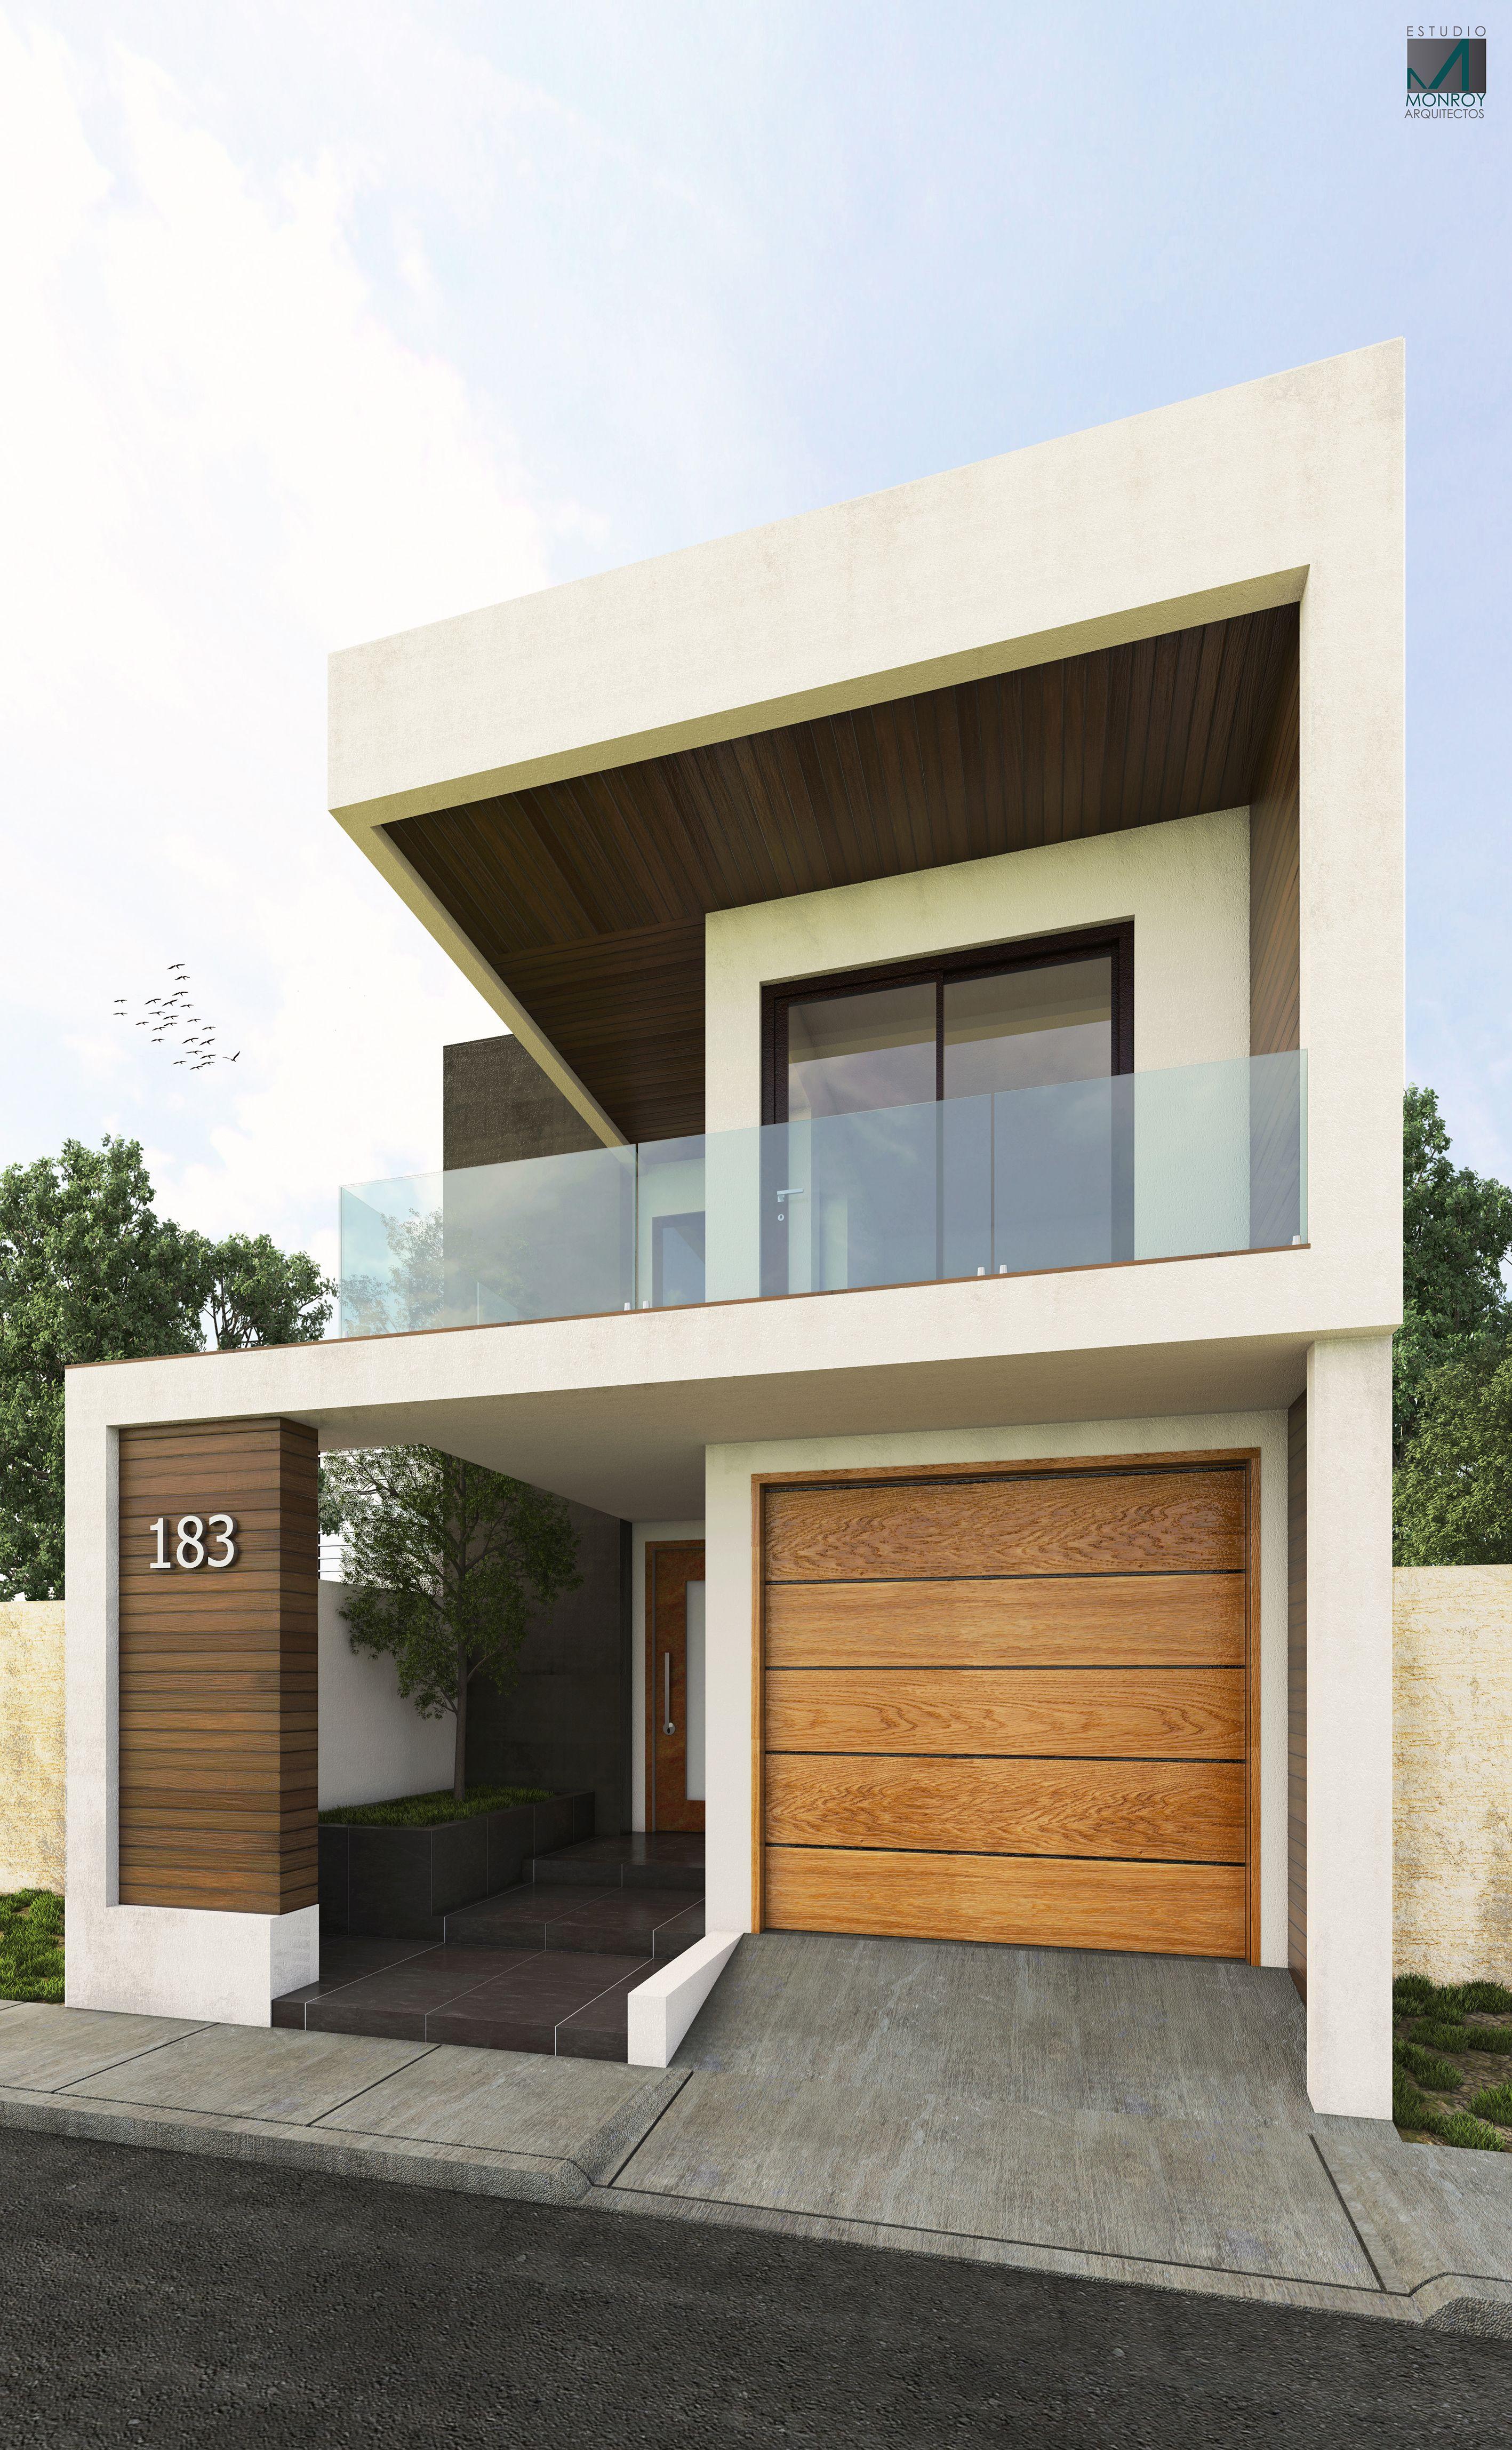 Fachada contempor nea 1 arquitecturacontemporane for Estilos de casas contemporaneas